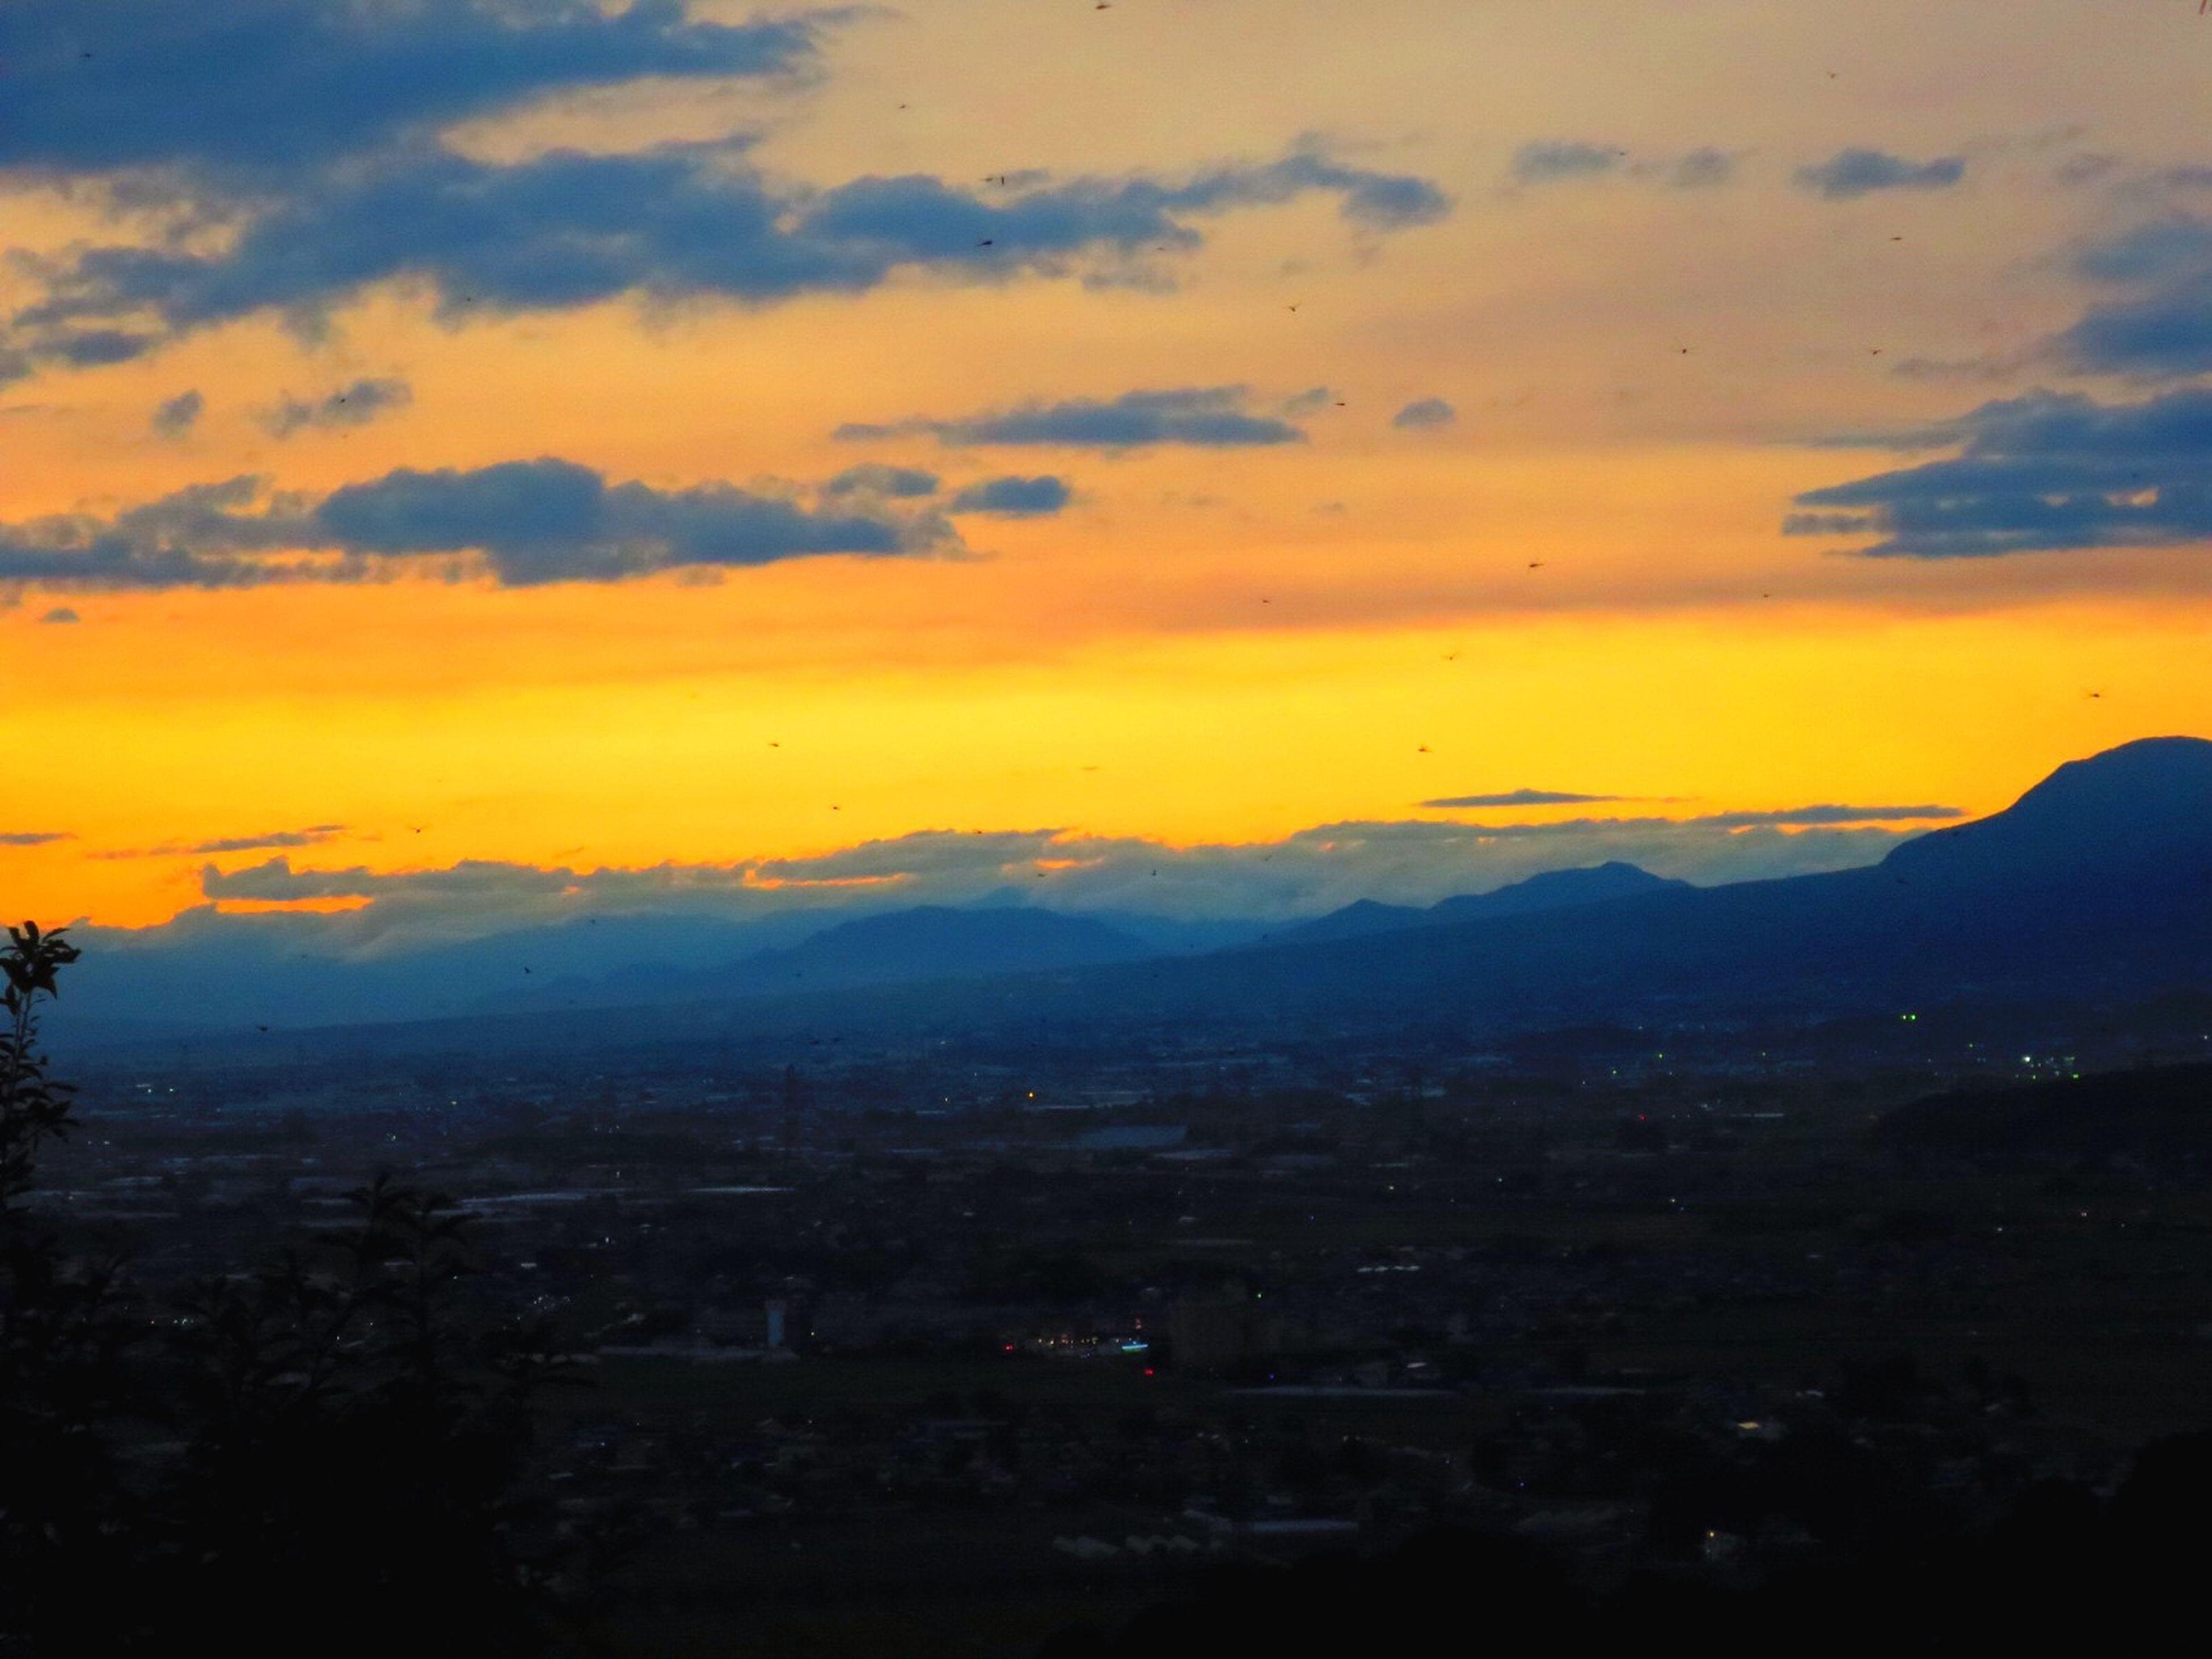 お疲れ様でした。 Canon S120 Twilight Sun Set Afterglow